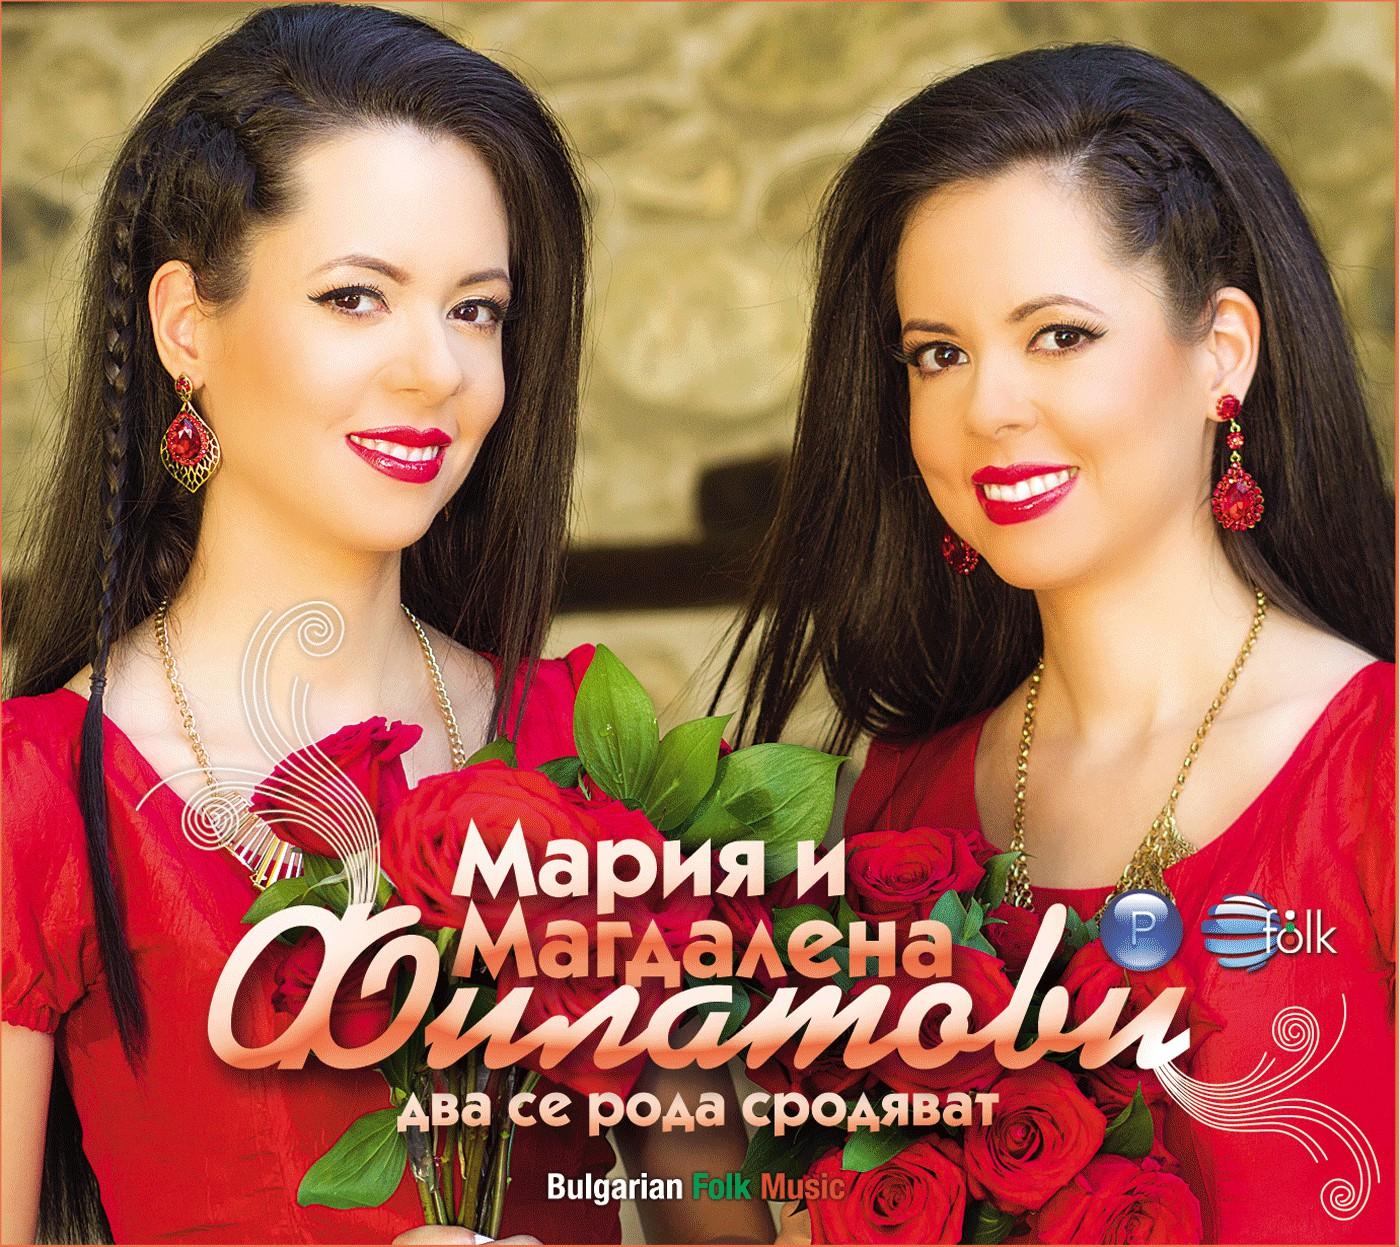 Сватбеният албум на Мария и Магдалена Филатови